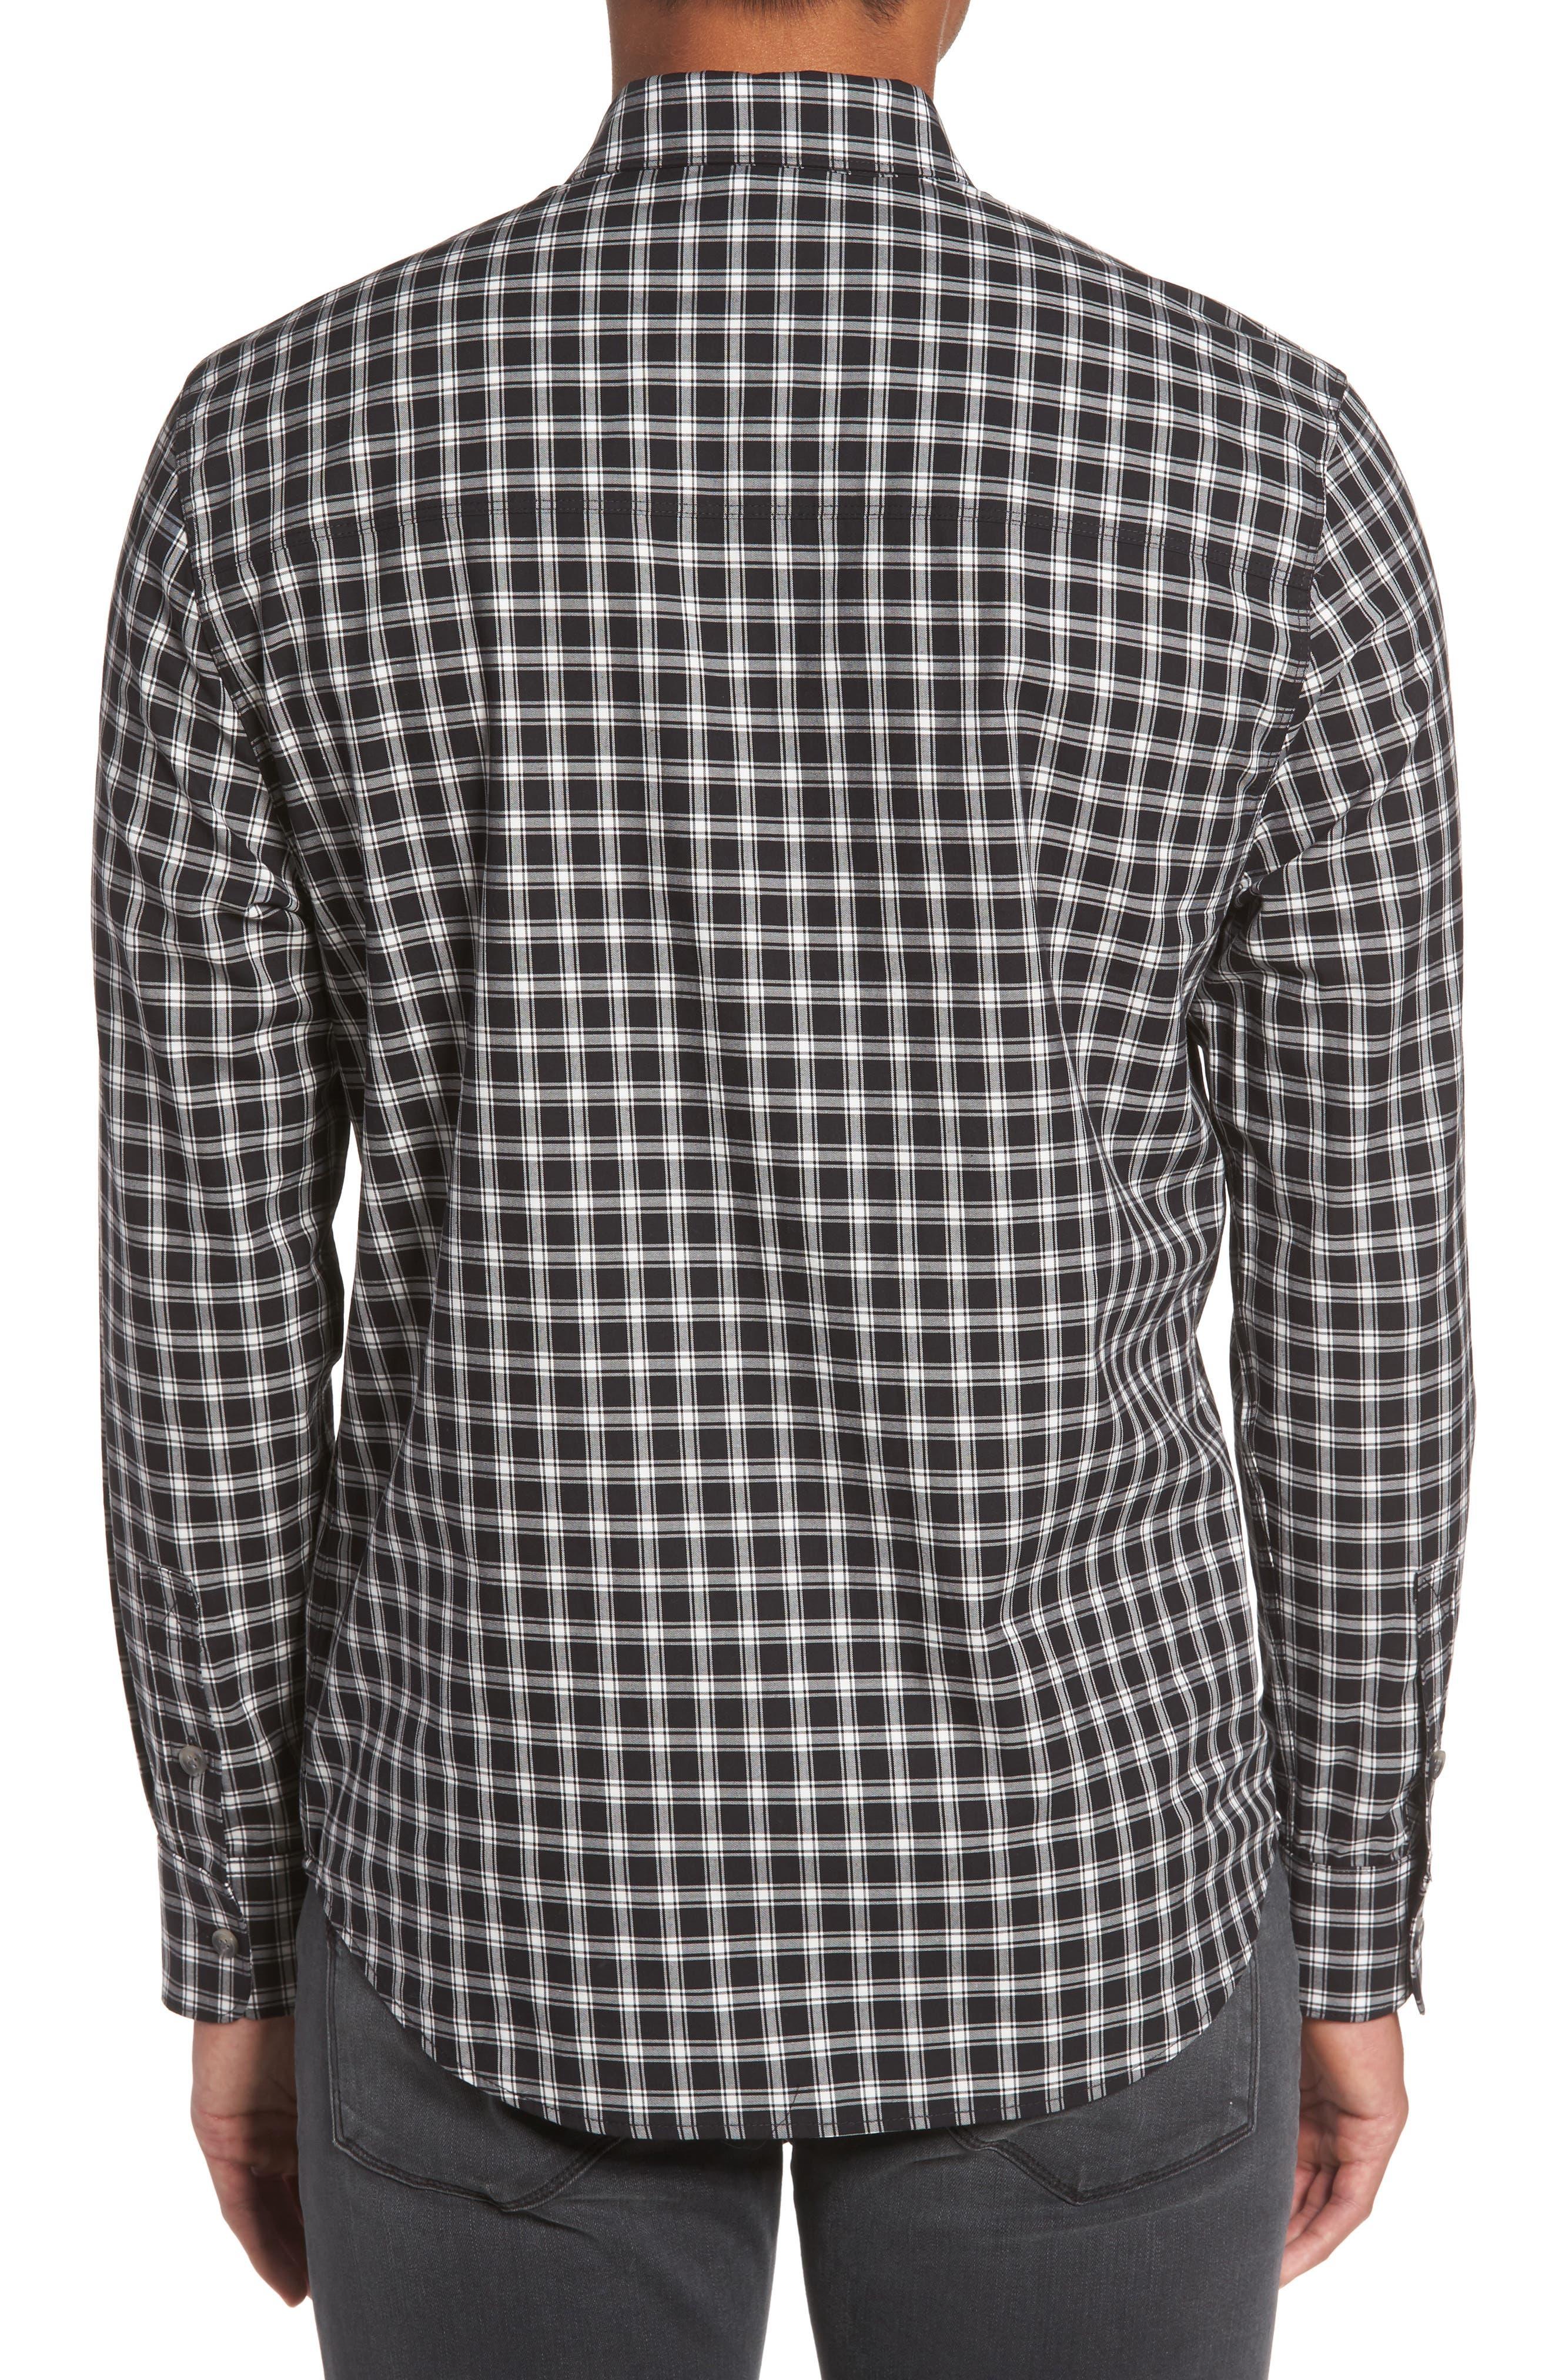 Everett Check Sport Shirt,                             Alternate thumbnail 2, color,                             001